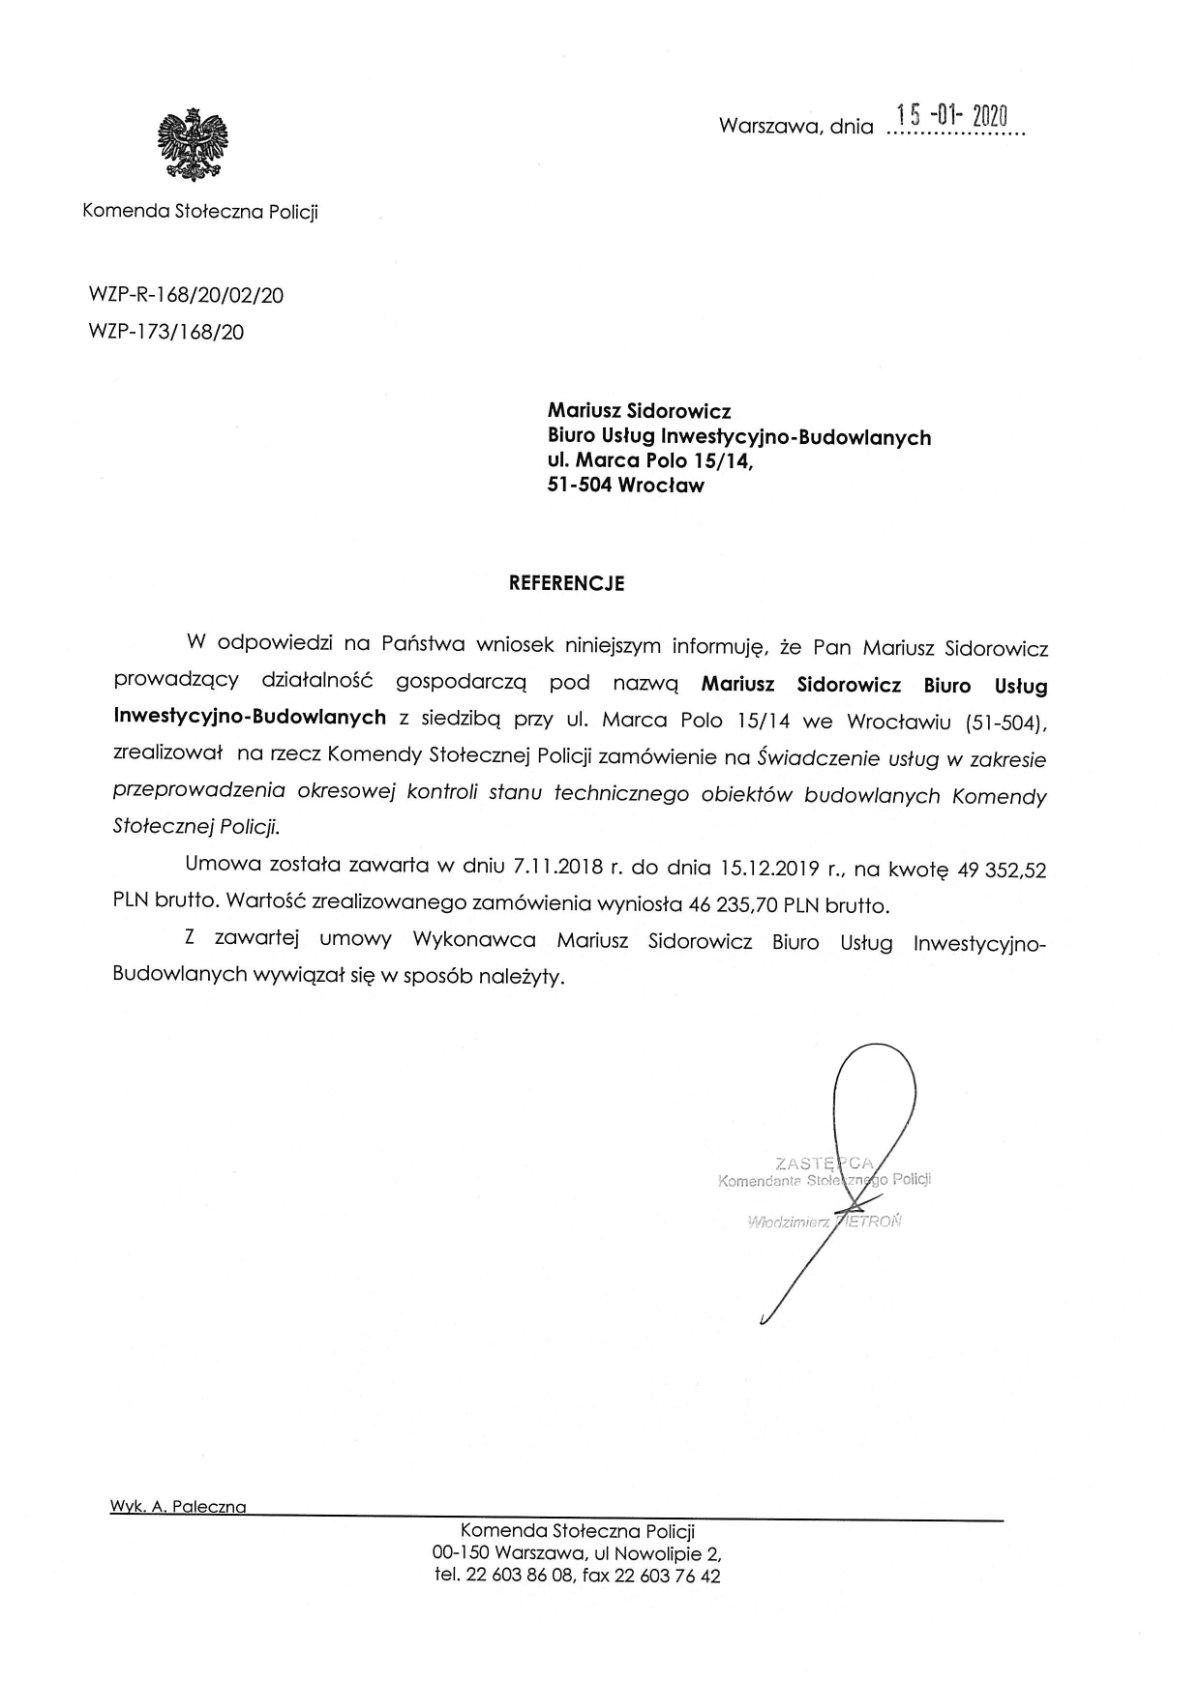 2019 - Komenda Stołeczna Policji